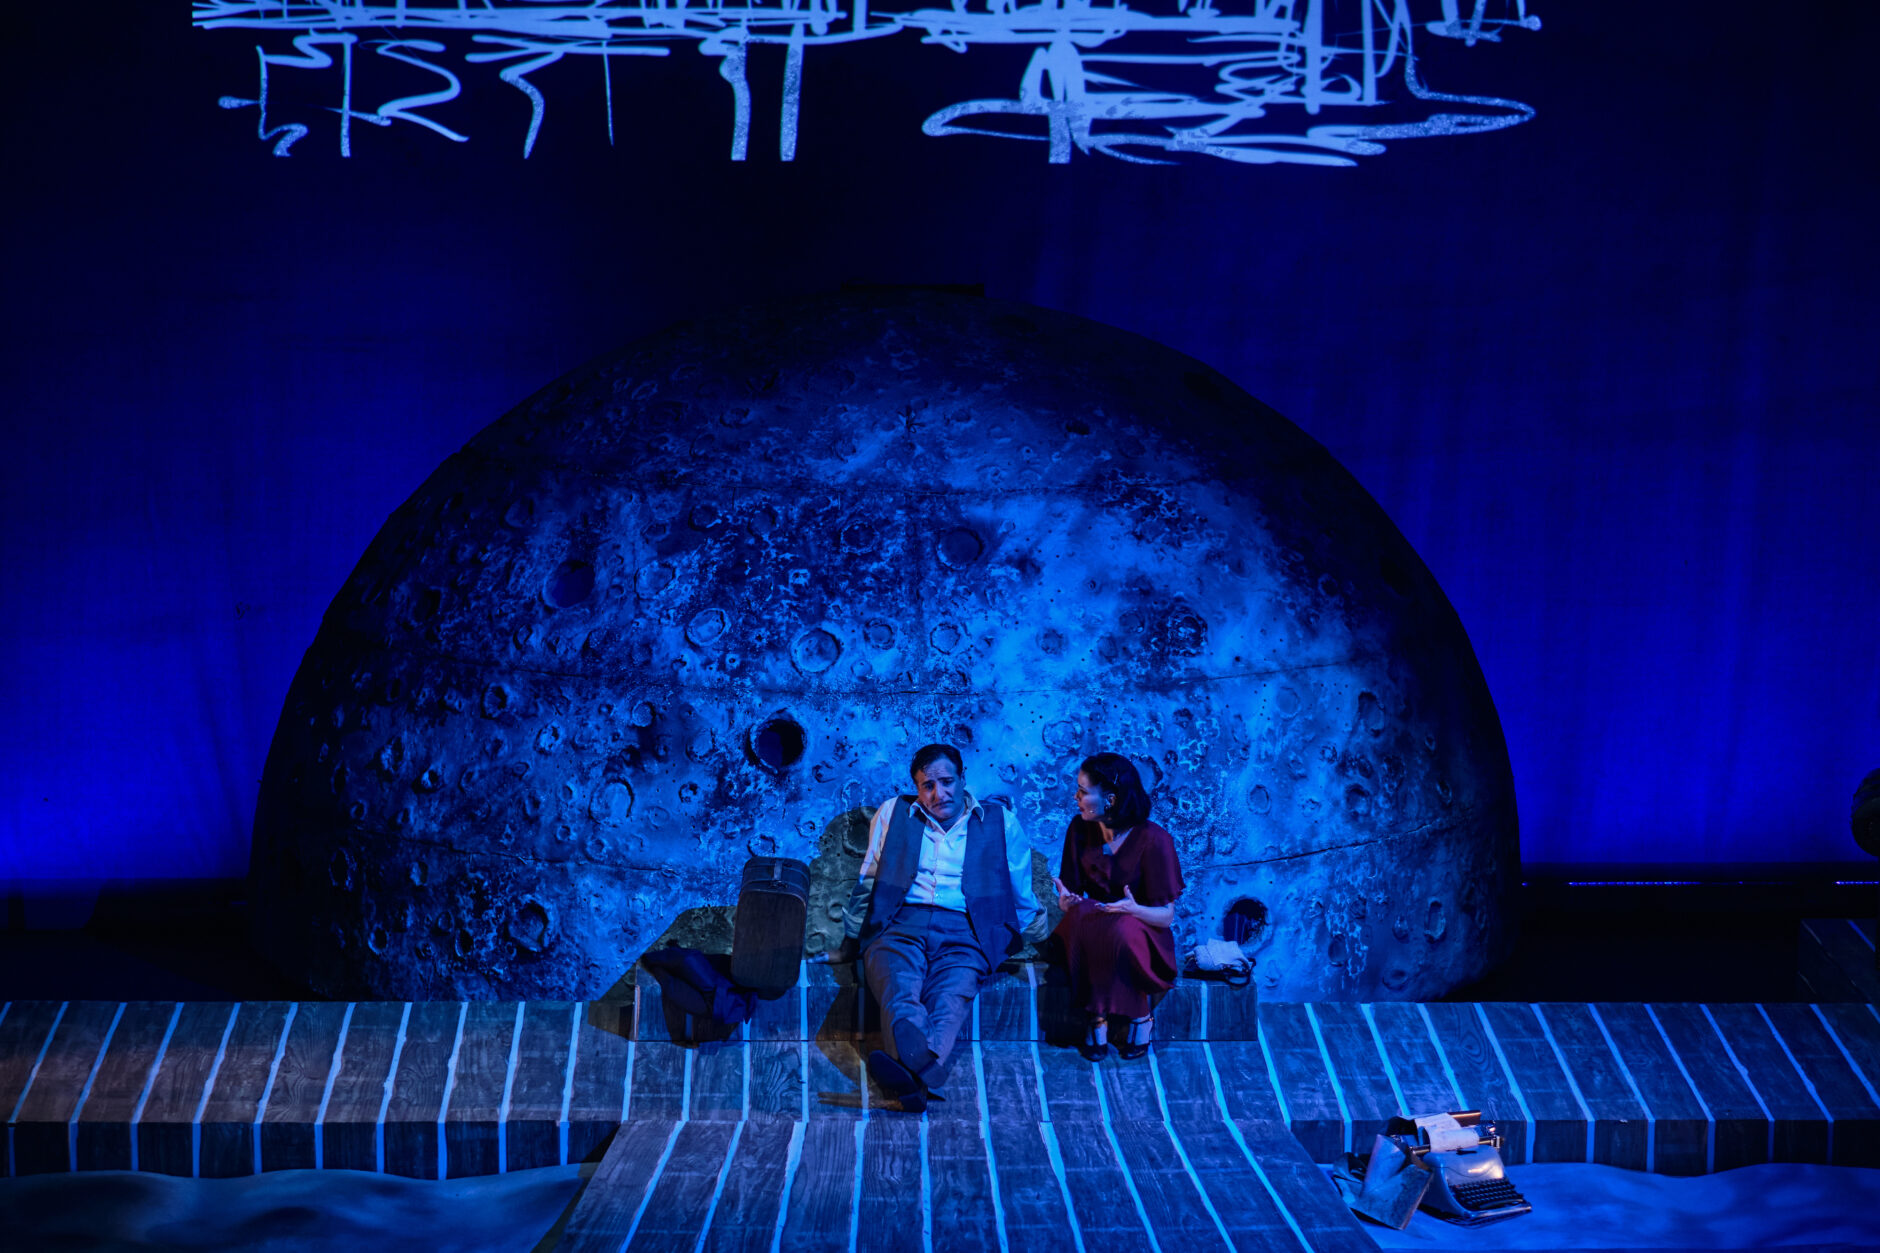 Antoine, el musical - La increíble historia del creador de El Principito 4